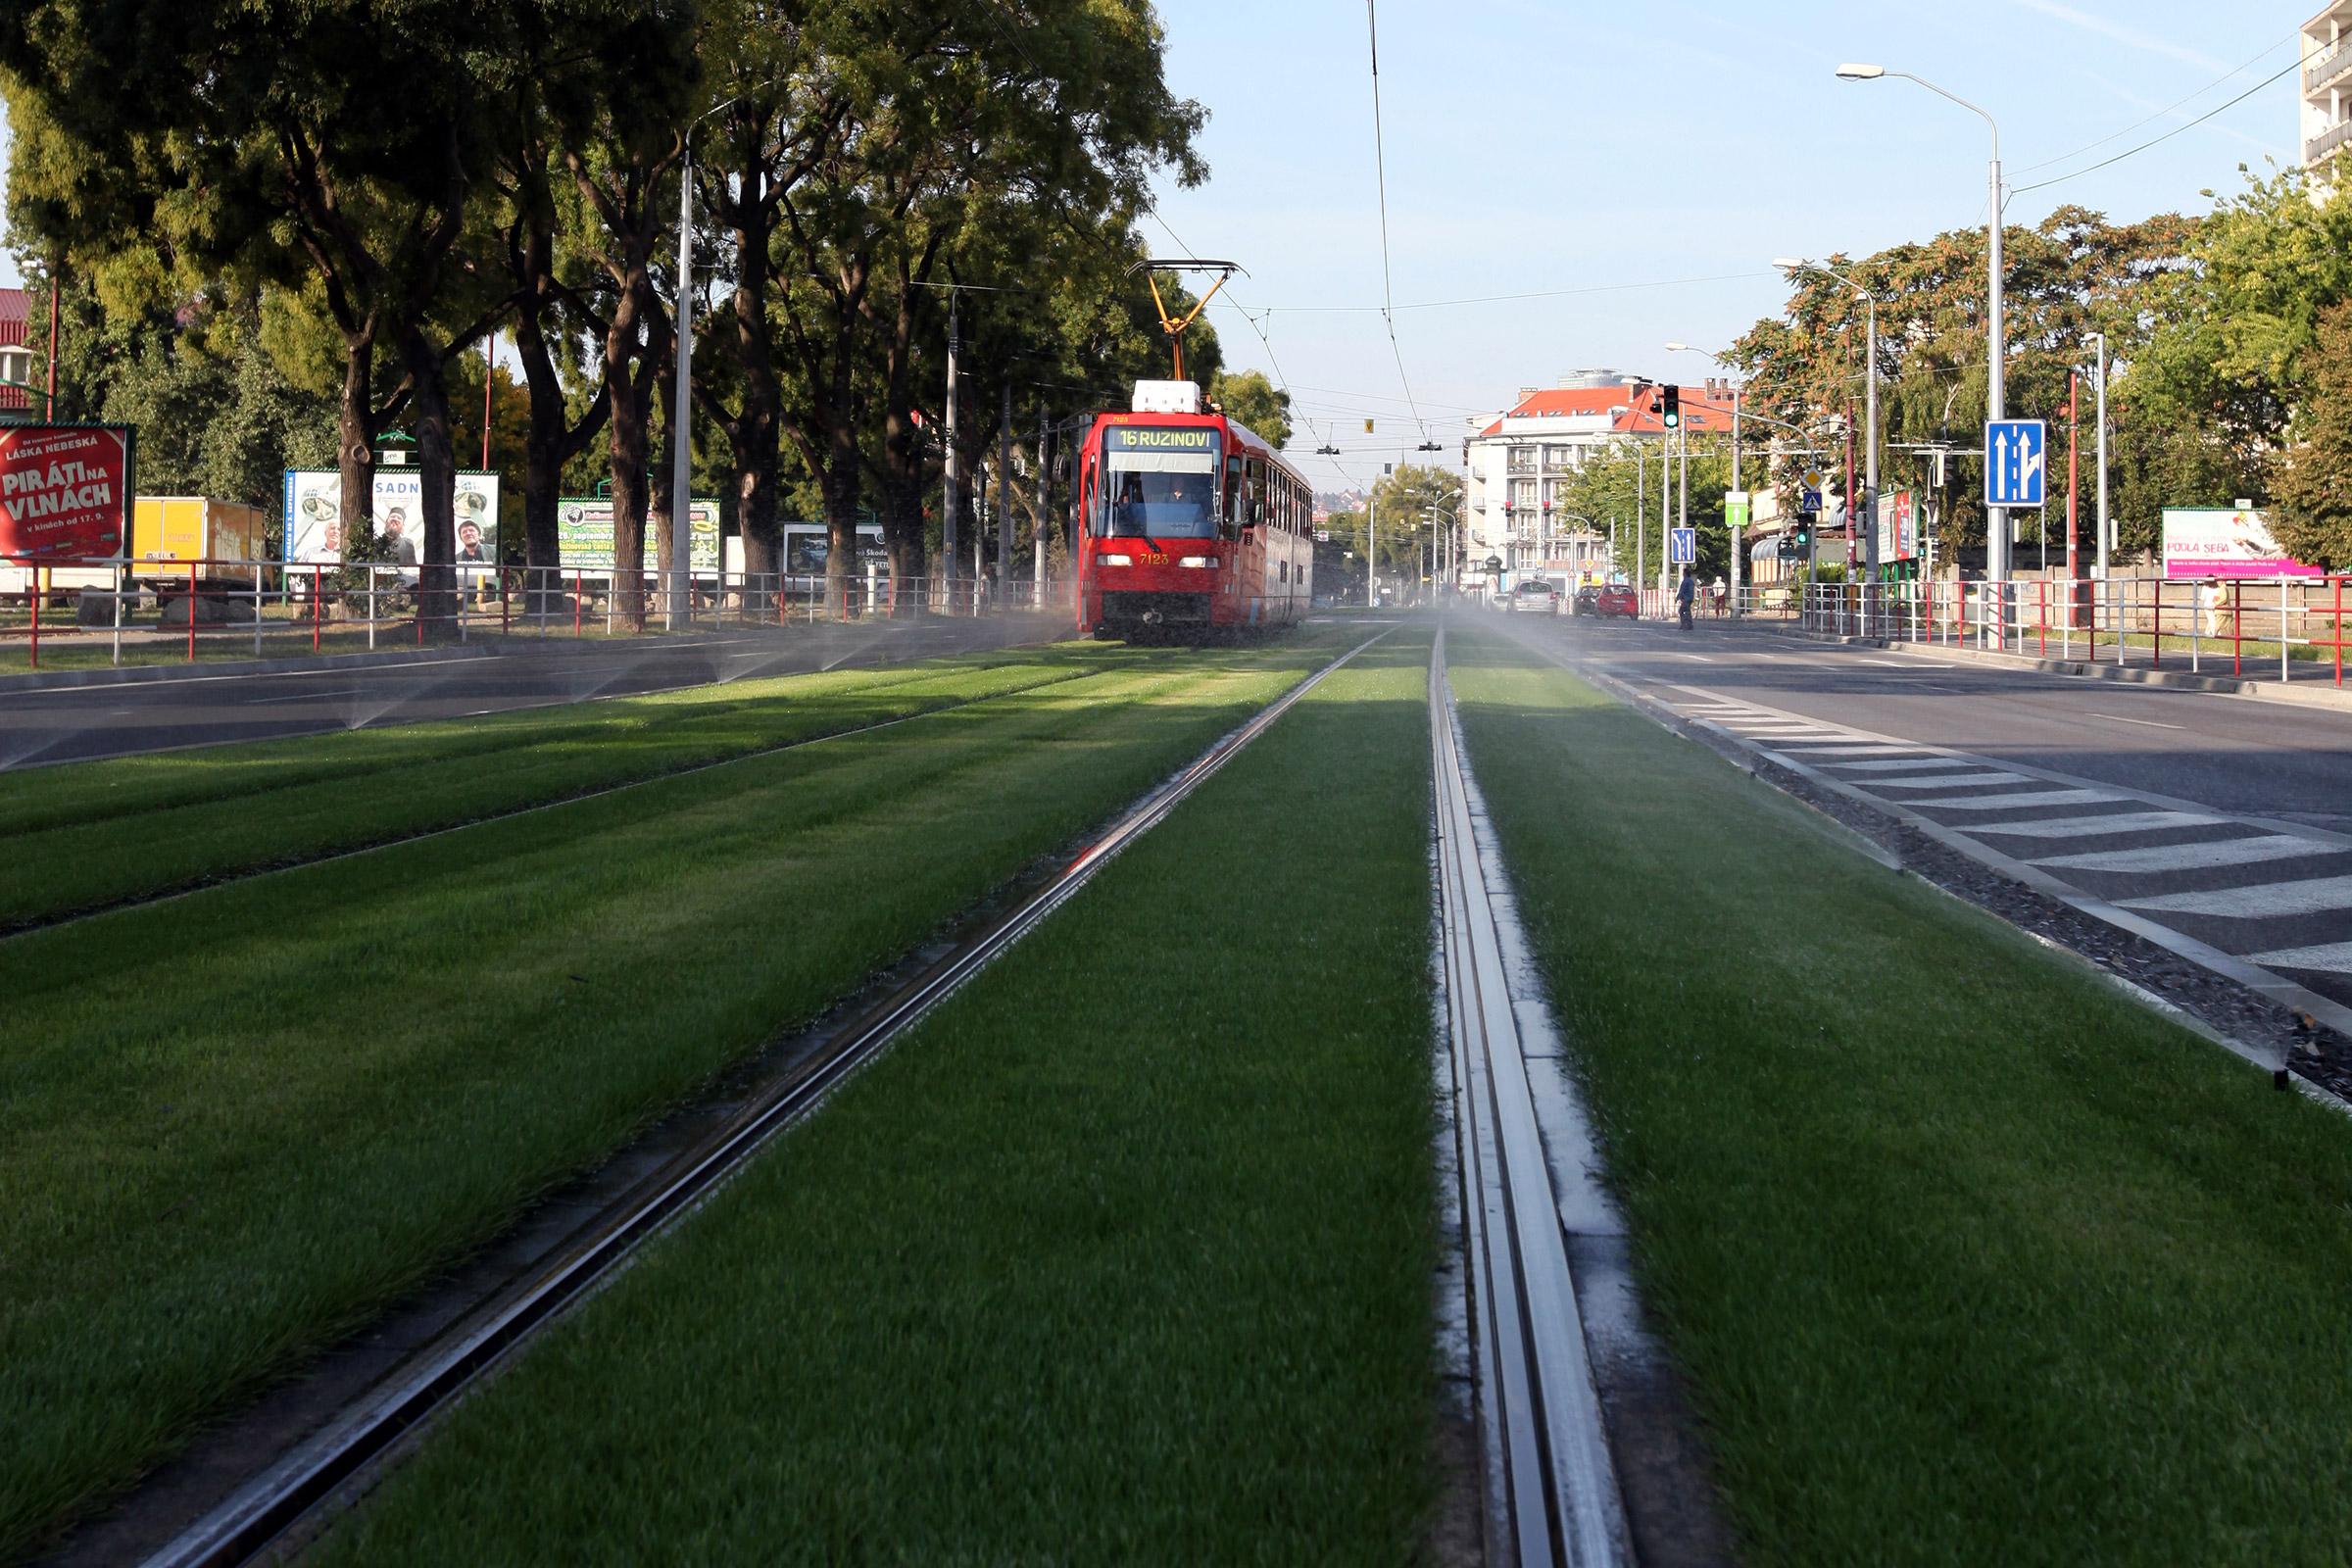 Električková trať - Záhradnícka ulica